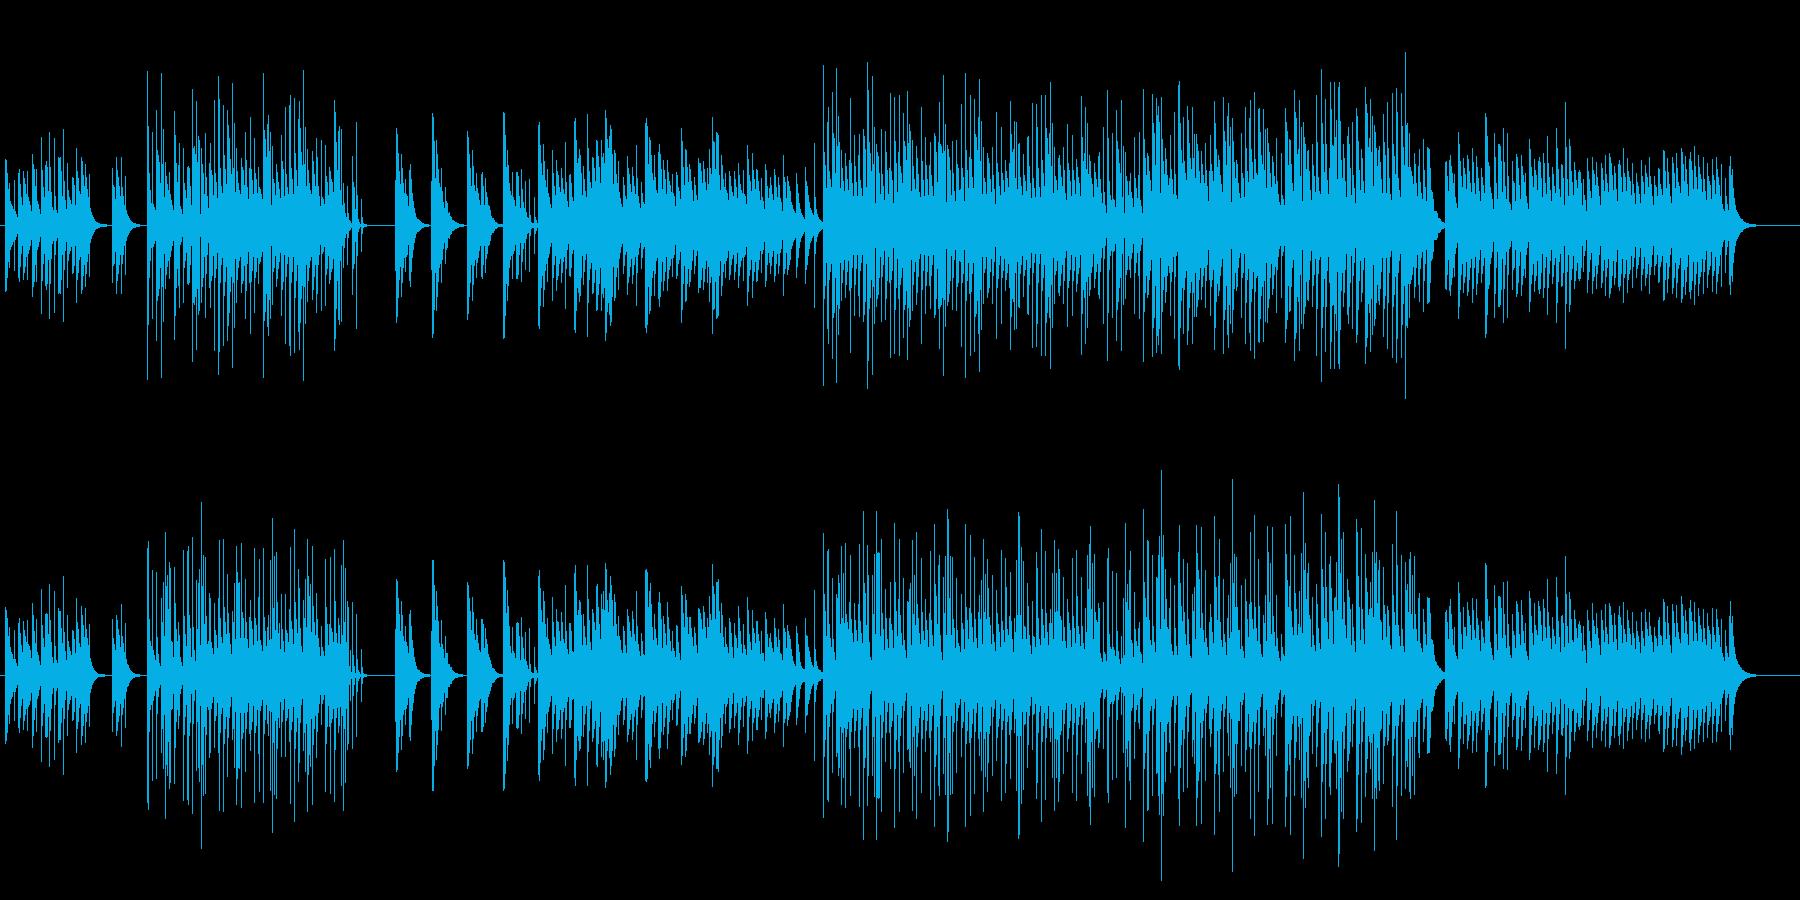 不気味さと不安を感じるオルゴールの曲の再生済みの波形